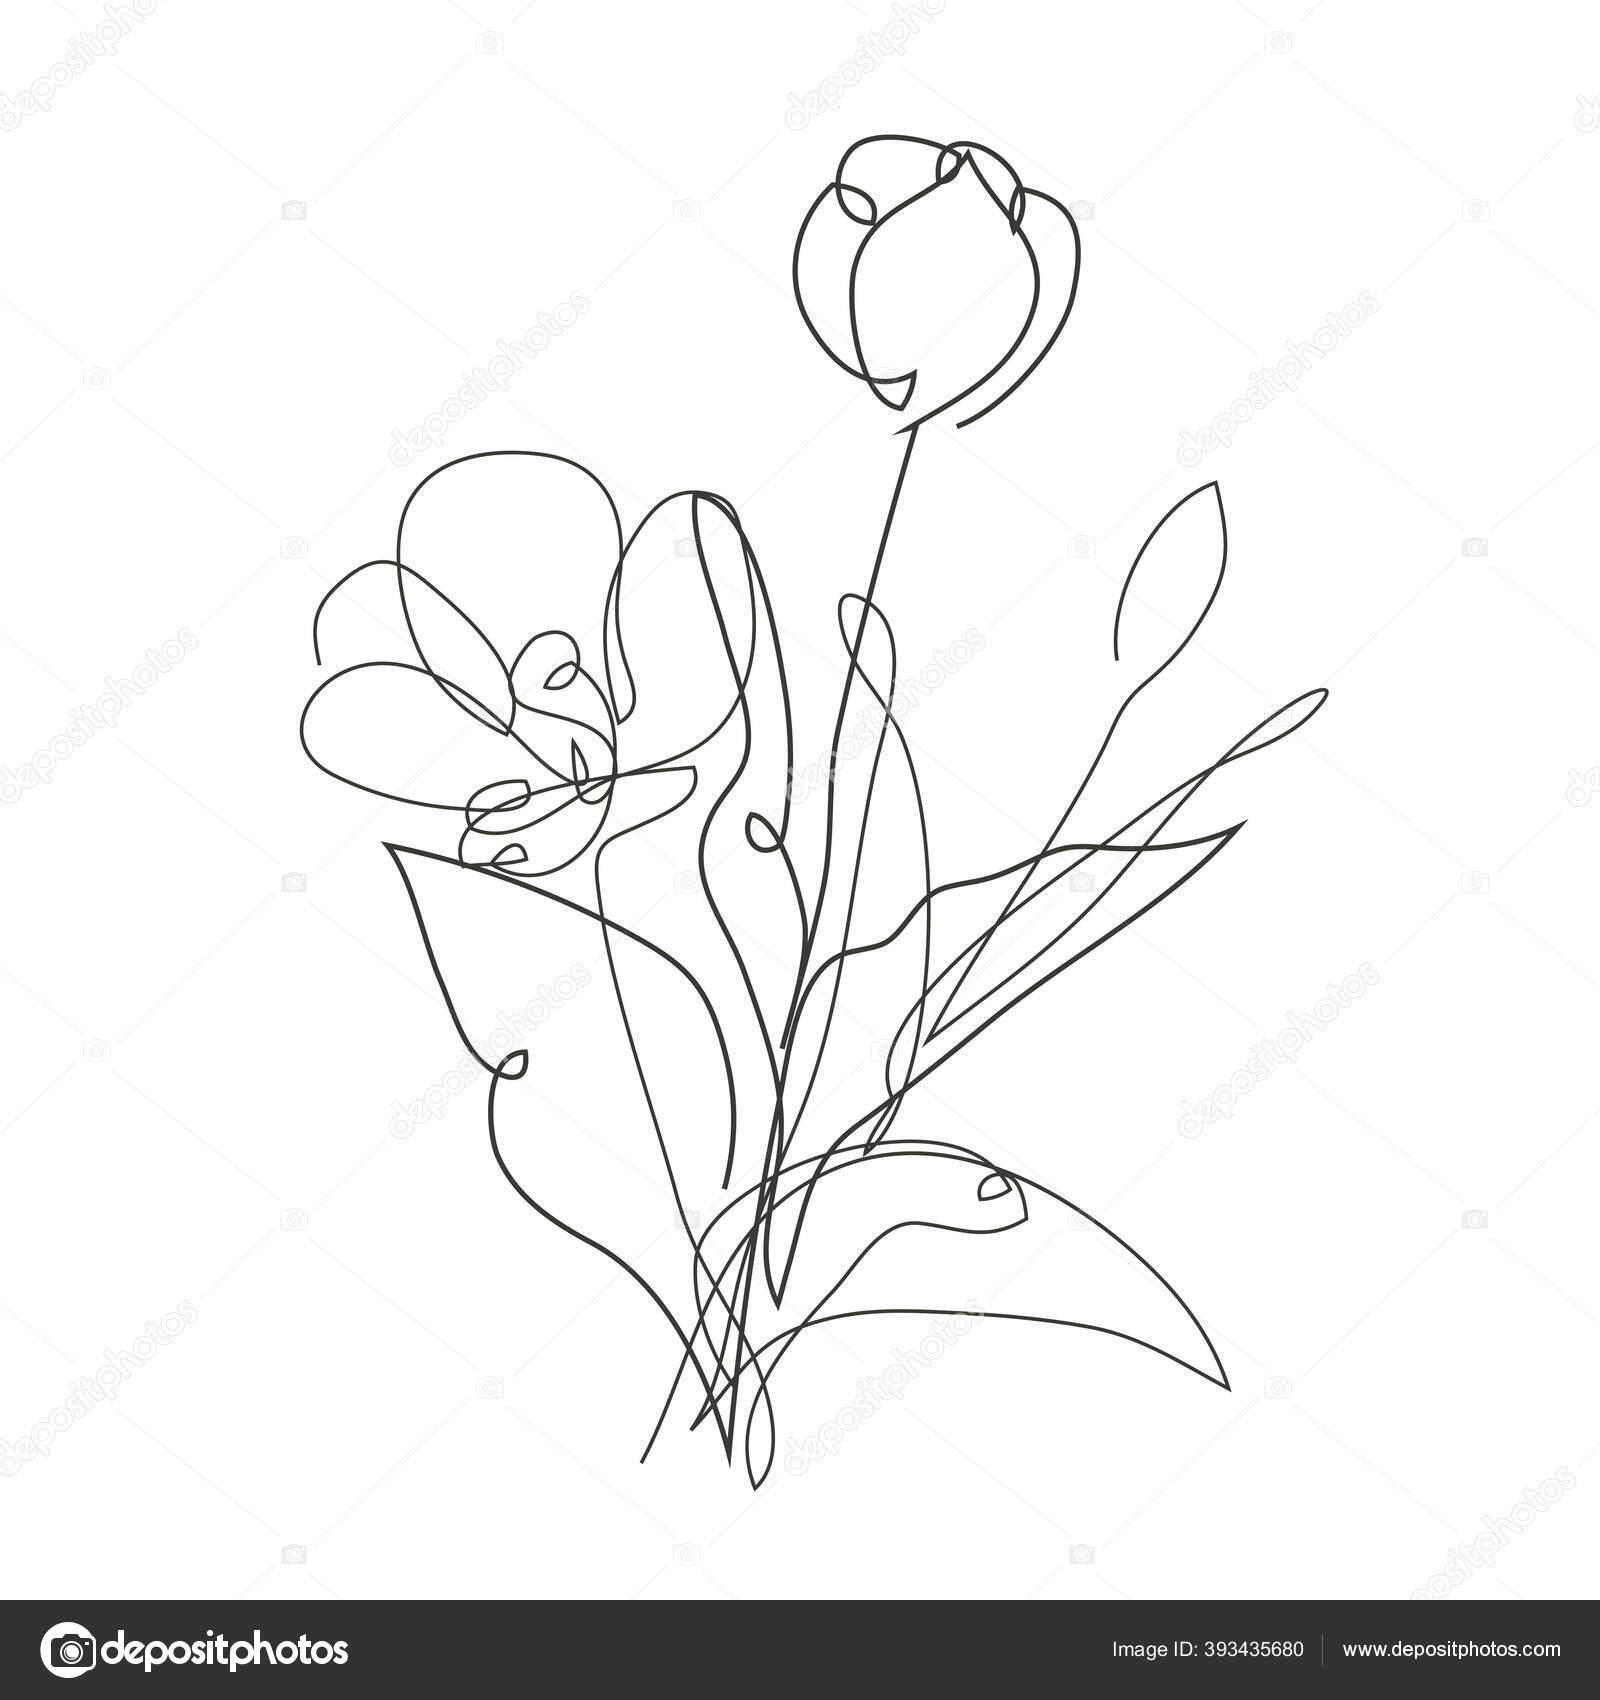 Dekorasi Tangan Gambar Bunga Tulip Desain Elemen Dapat Digunakan Untuk Stok Vektor C Chantall 393435680